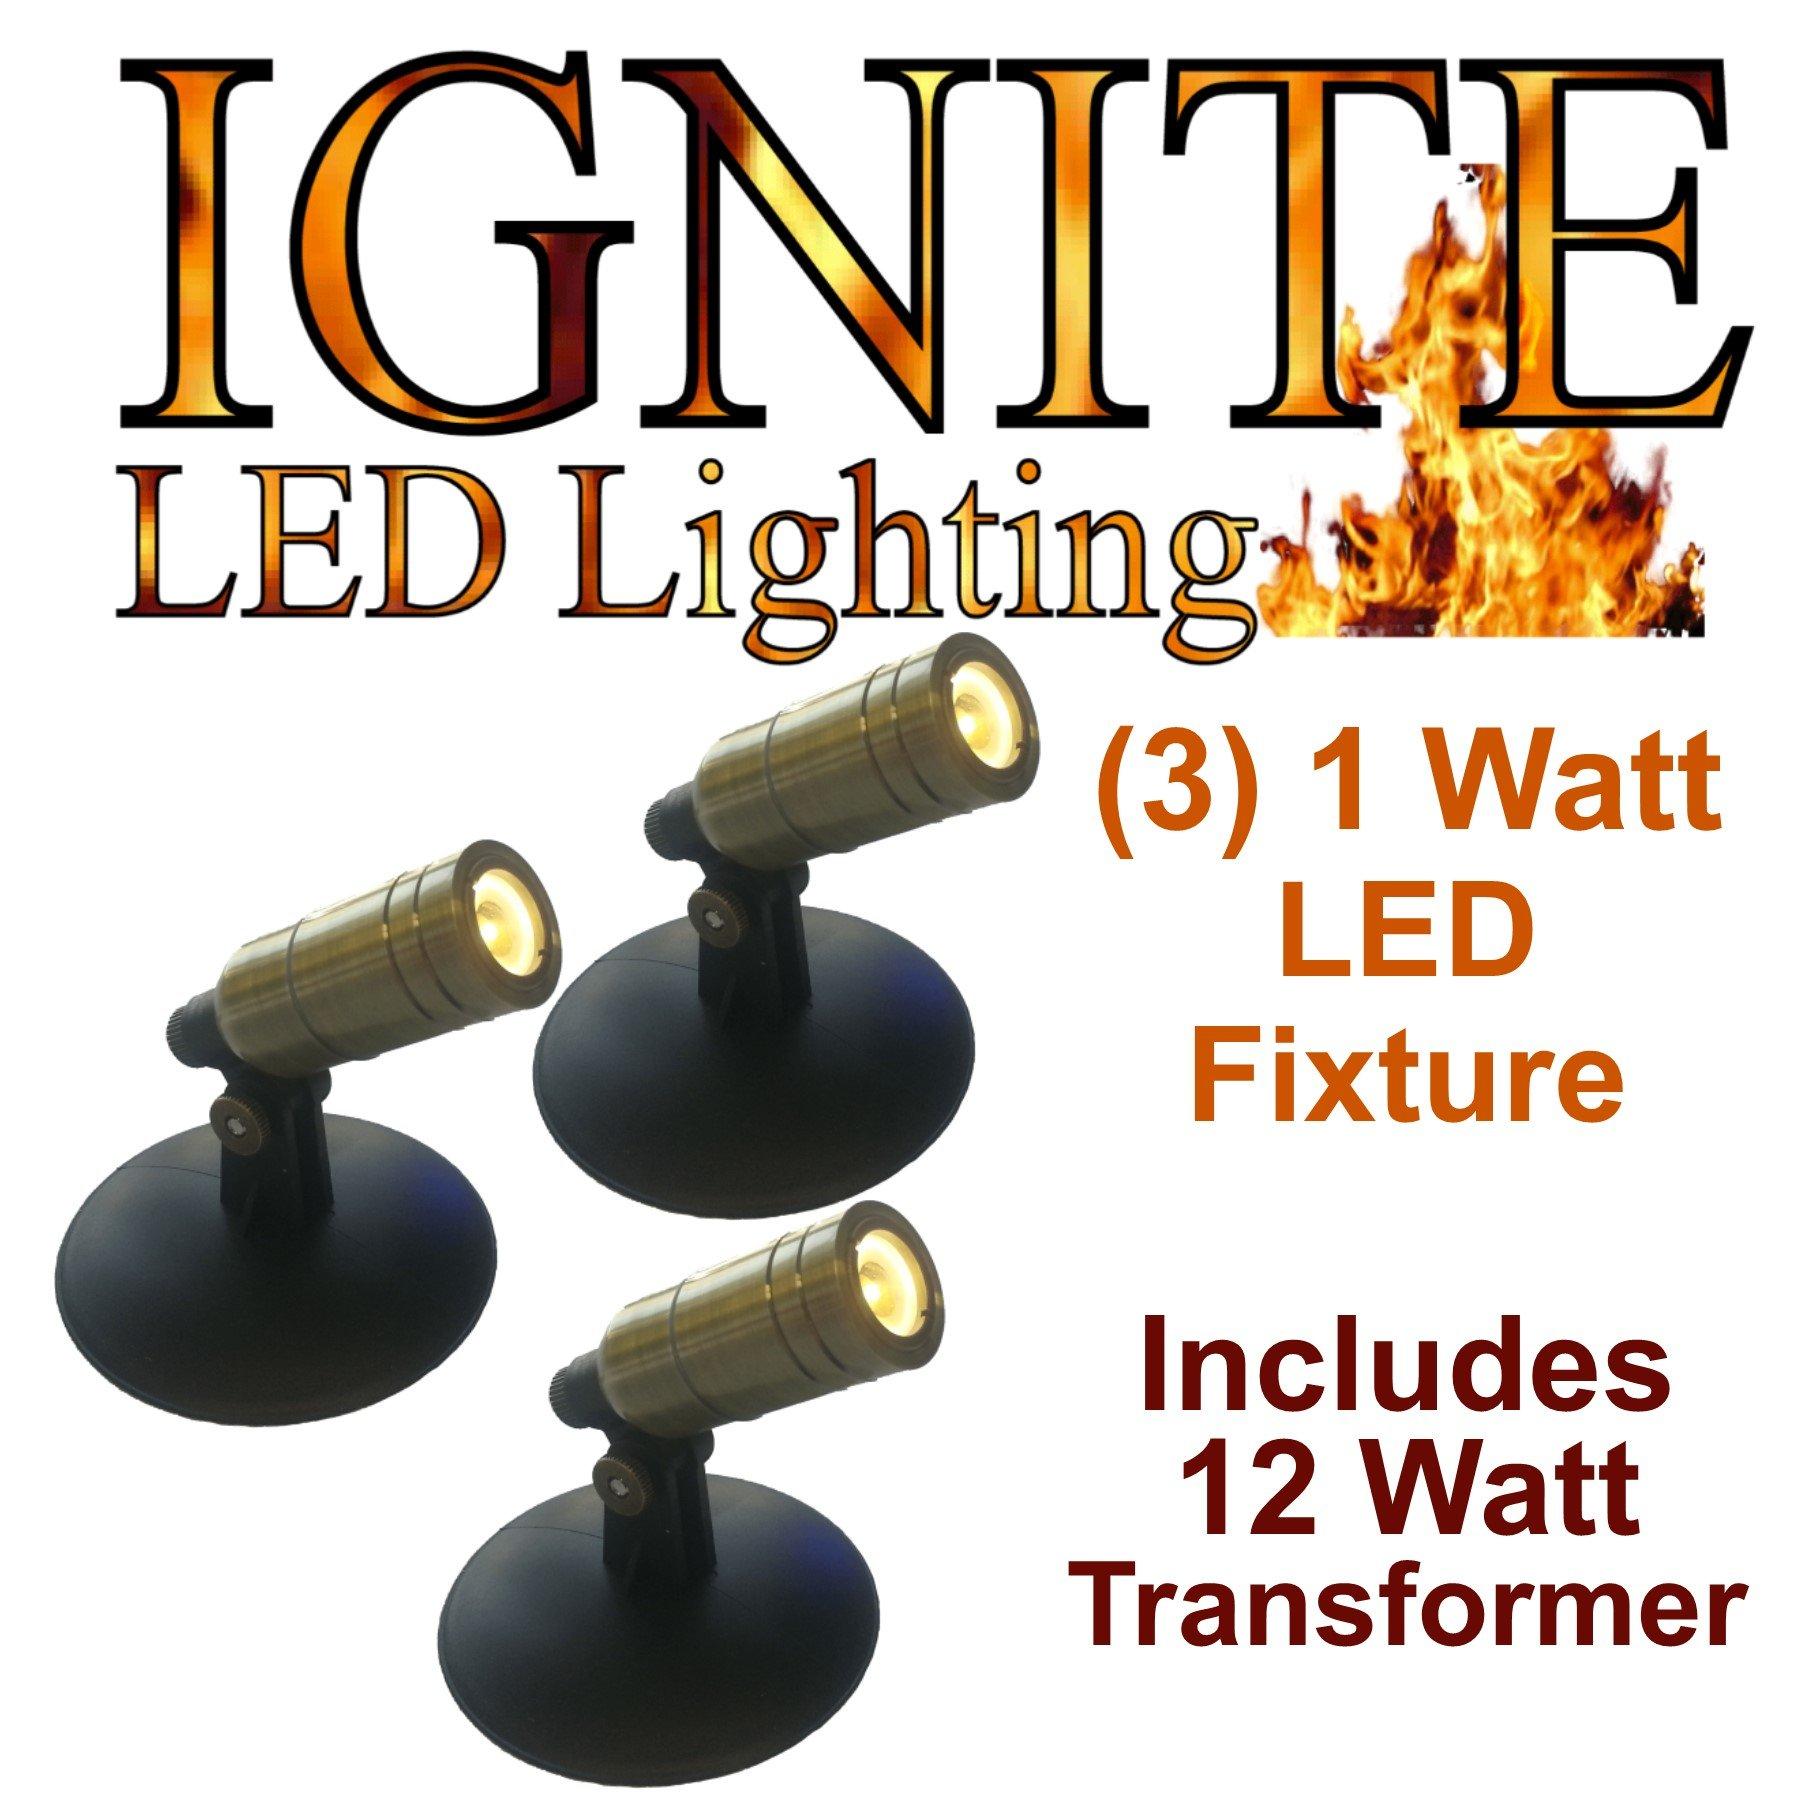 Anjon Ignite LED Pond and Landscape lighting AB1KLED 1 Watt, 3 Light LED Light Kit with 12 Watt Transformer